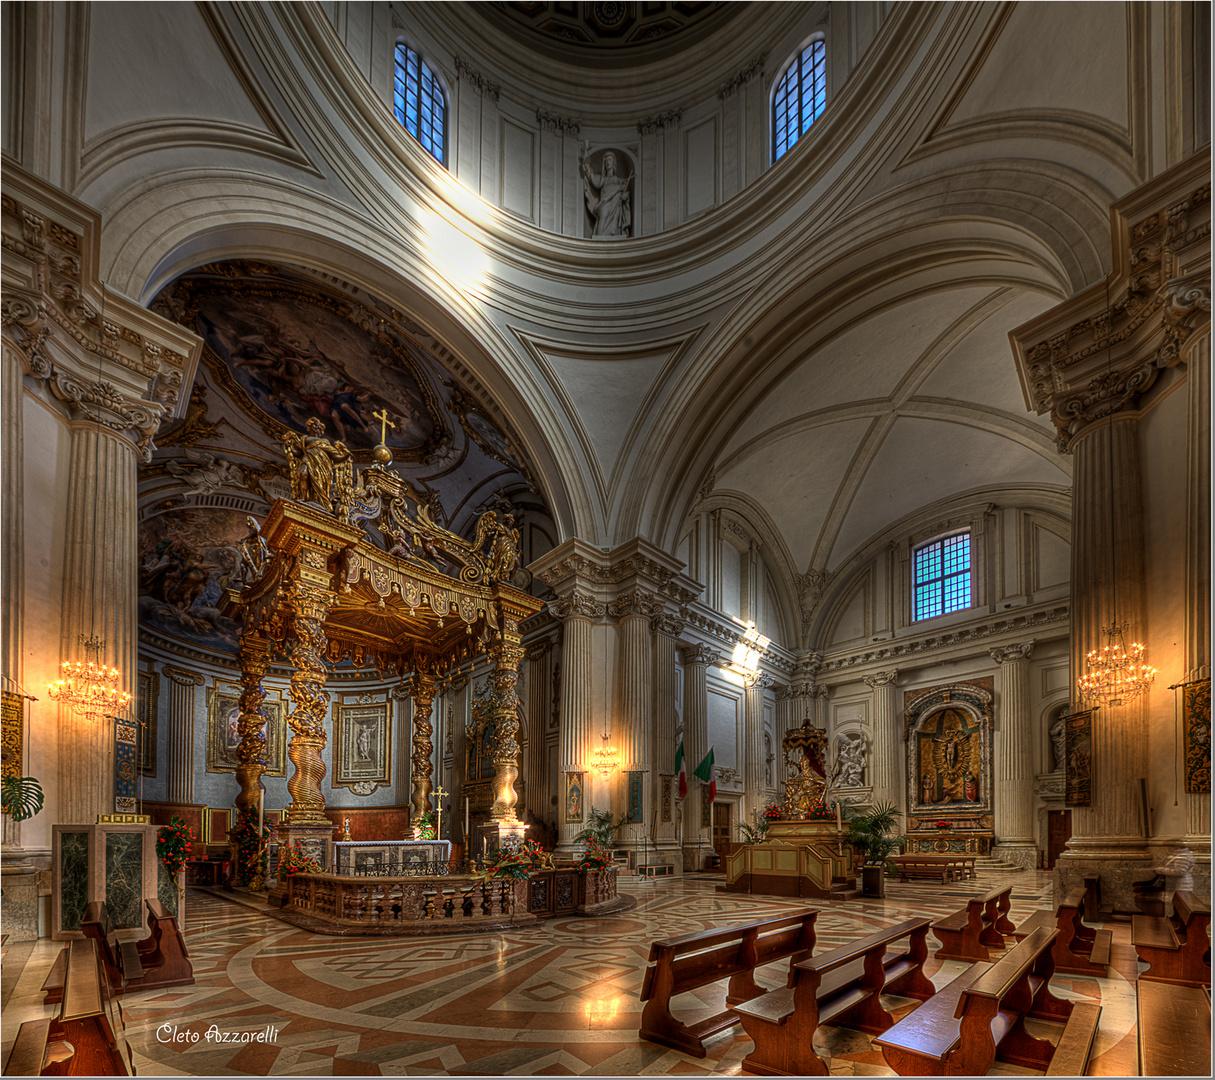 Foligno Duomo San Feliciano Interni Foto Immagini